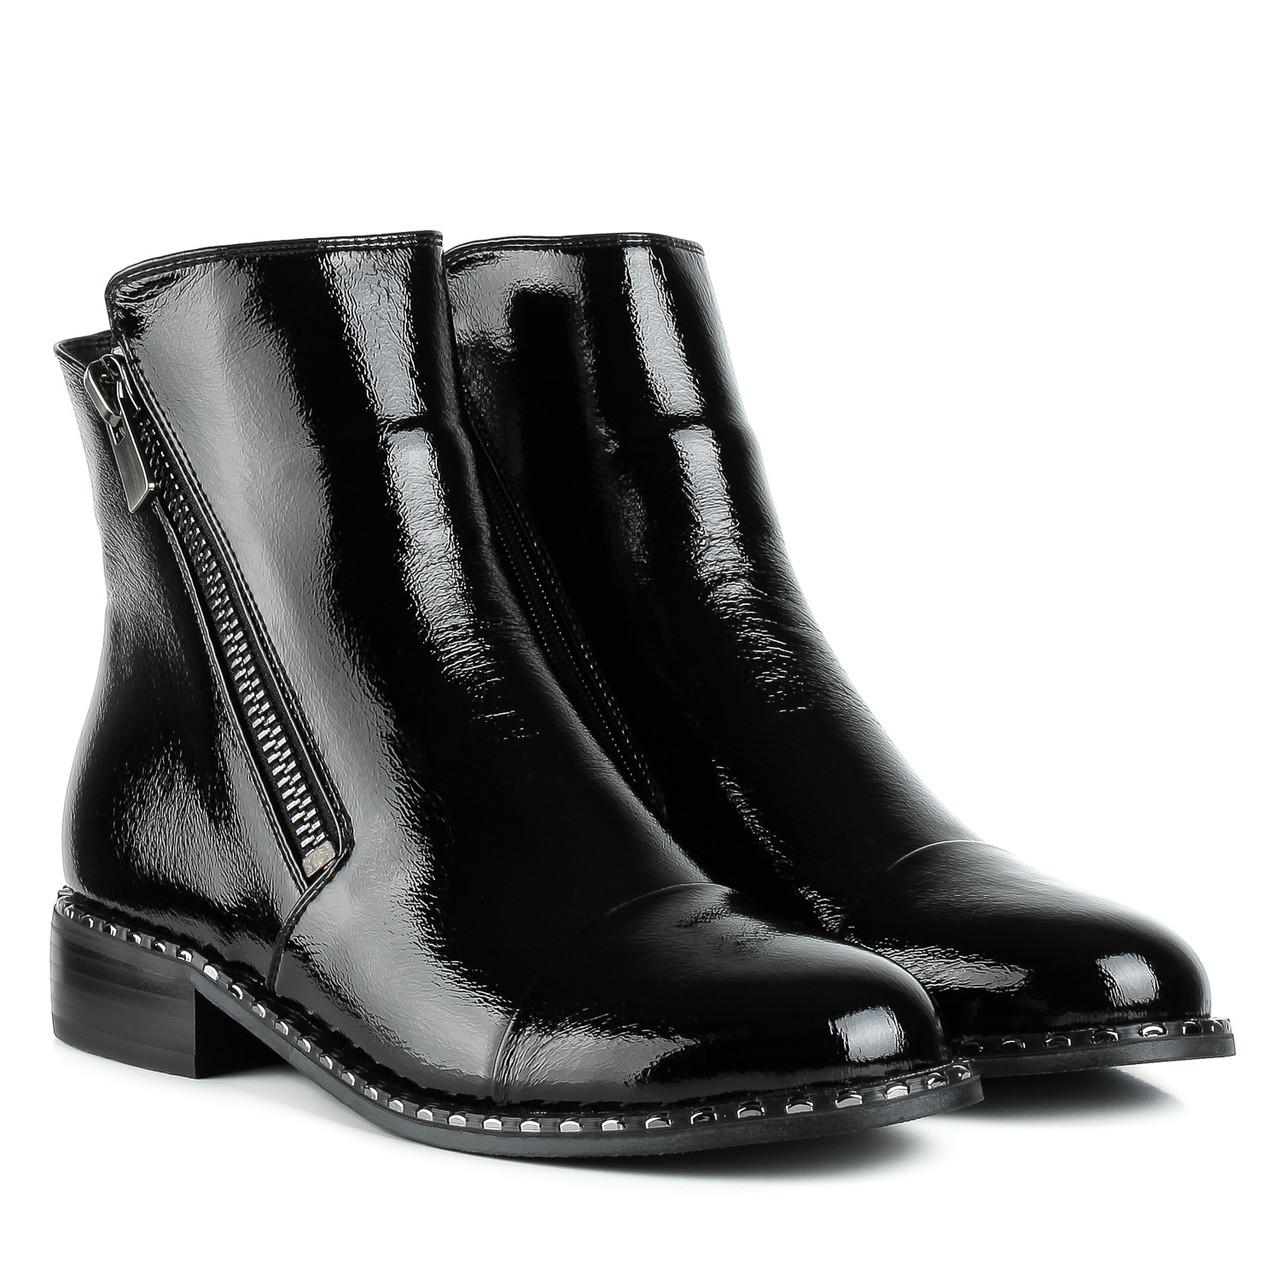 Ботинки женские AIFORMARIA (черные, модные, стильные, удобные)